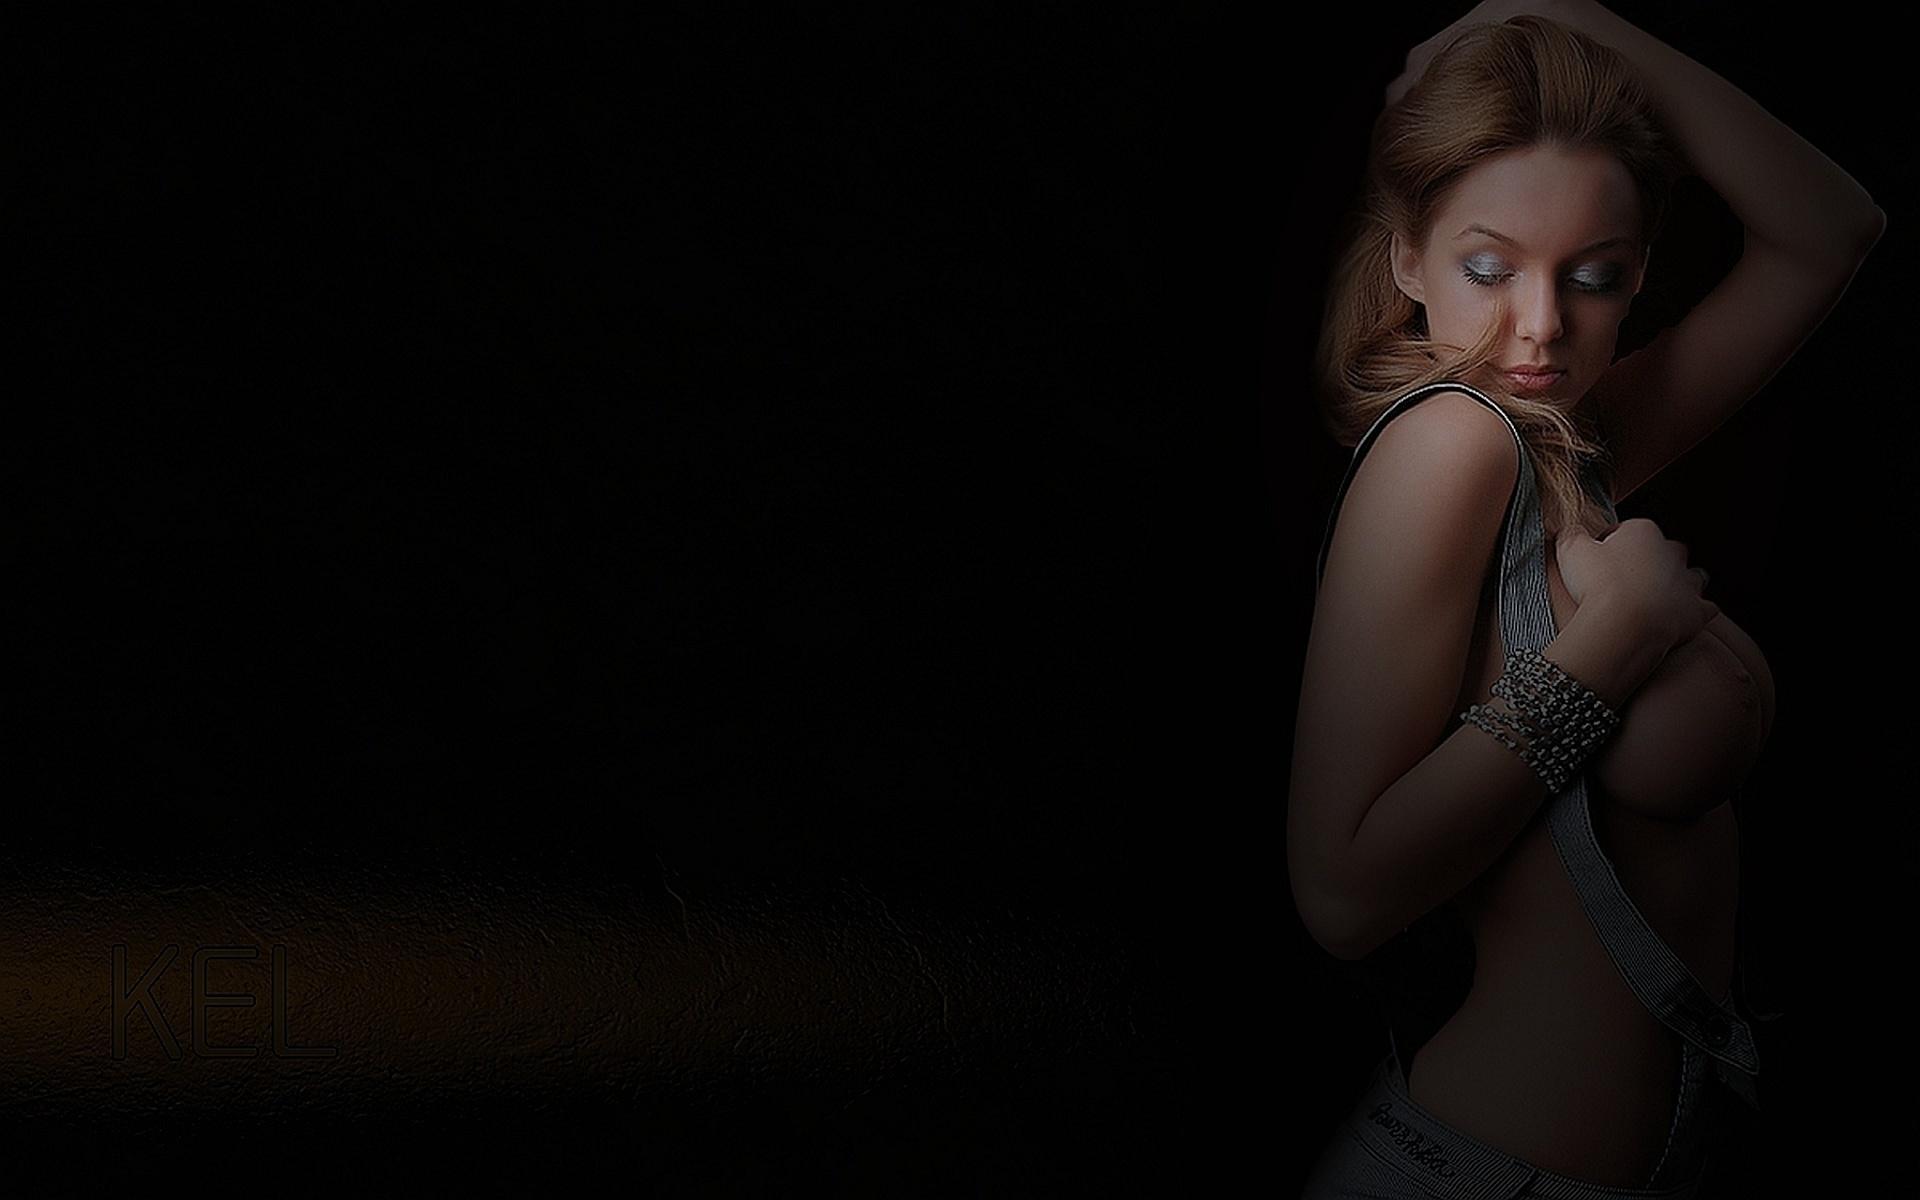 Сиськи в темноте 7 фотография